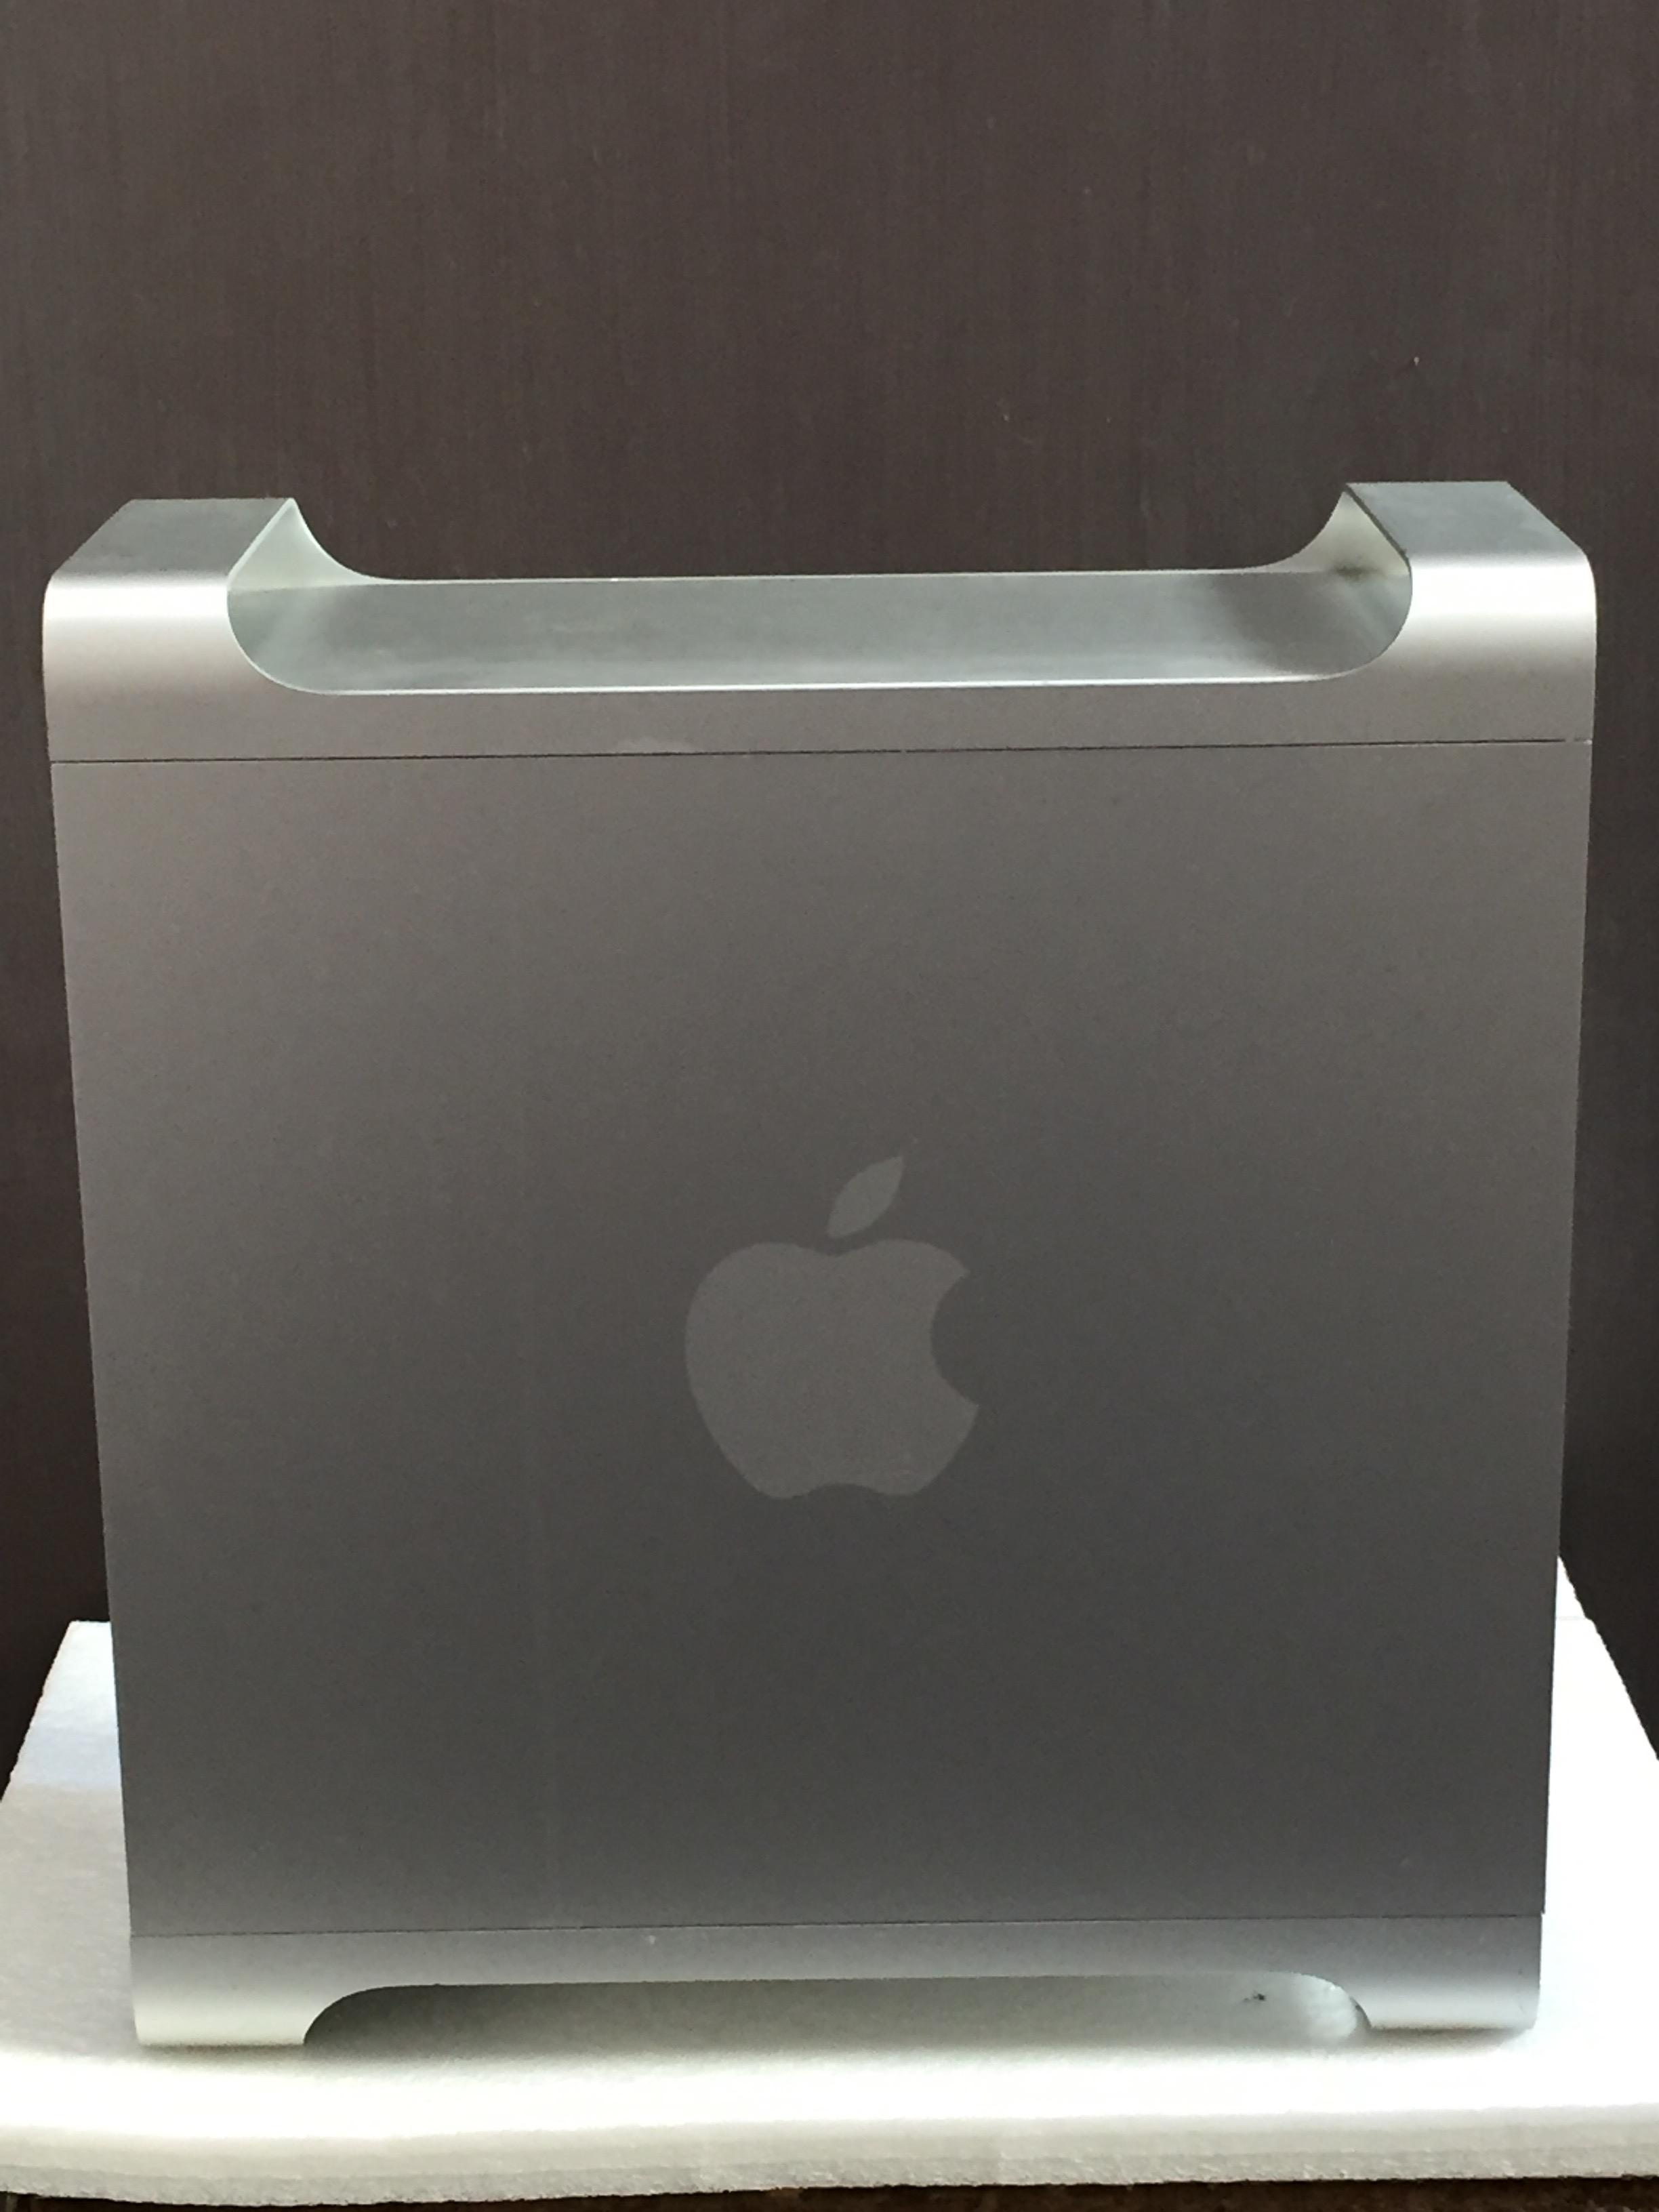 Mac Pro Mid 2012 (Intel Xeon 3.2 GHz 6 GB RAM 1 TB HDD), INTEL XEON 3,2 GHZ, 10 GB DDR3 1066 MHZ, HDD 1 TB, imagen 1